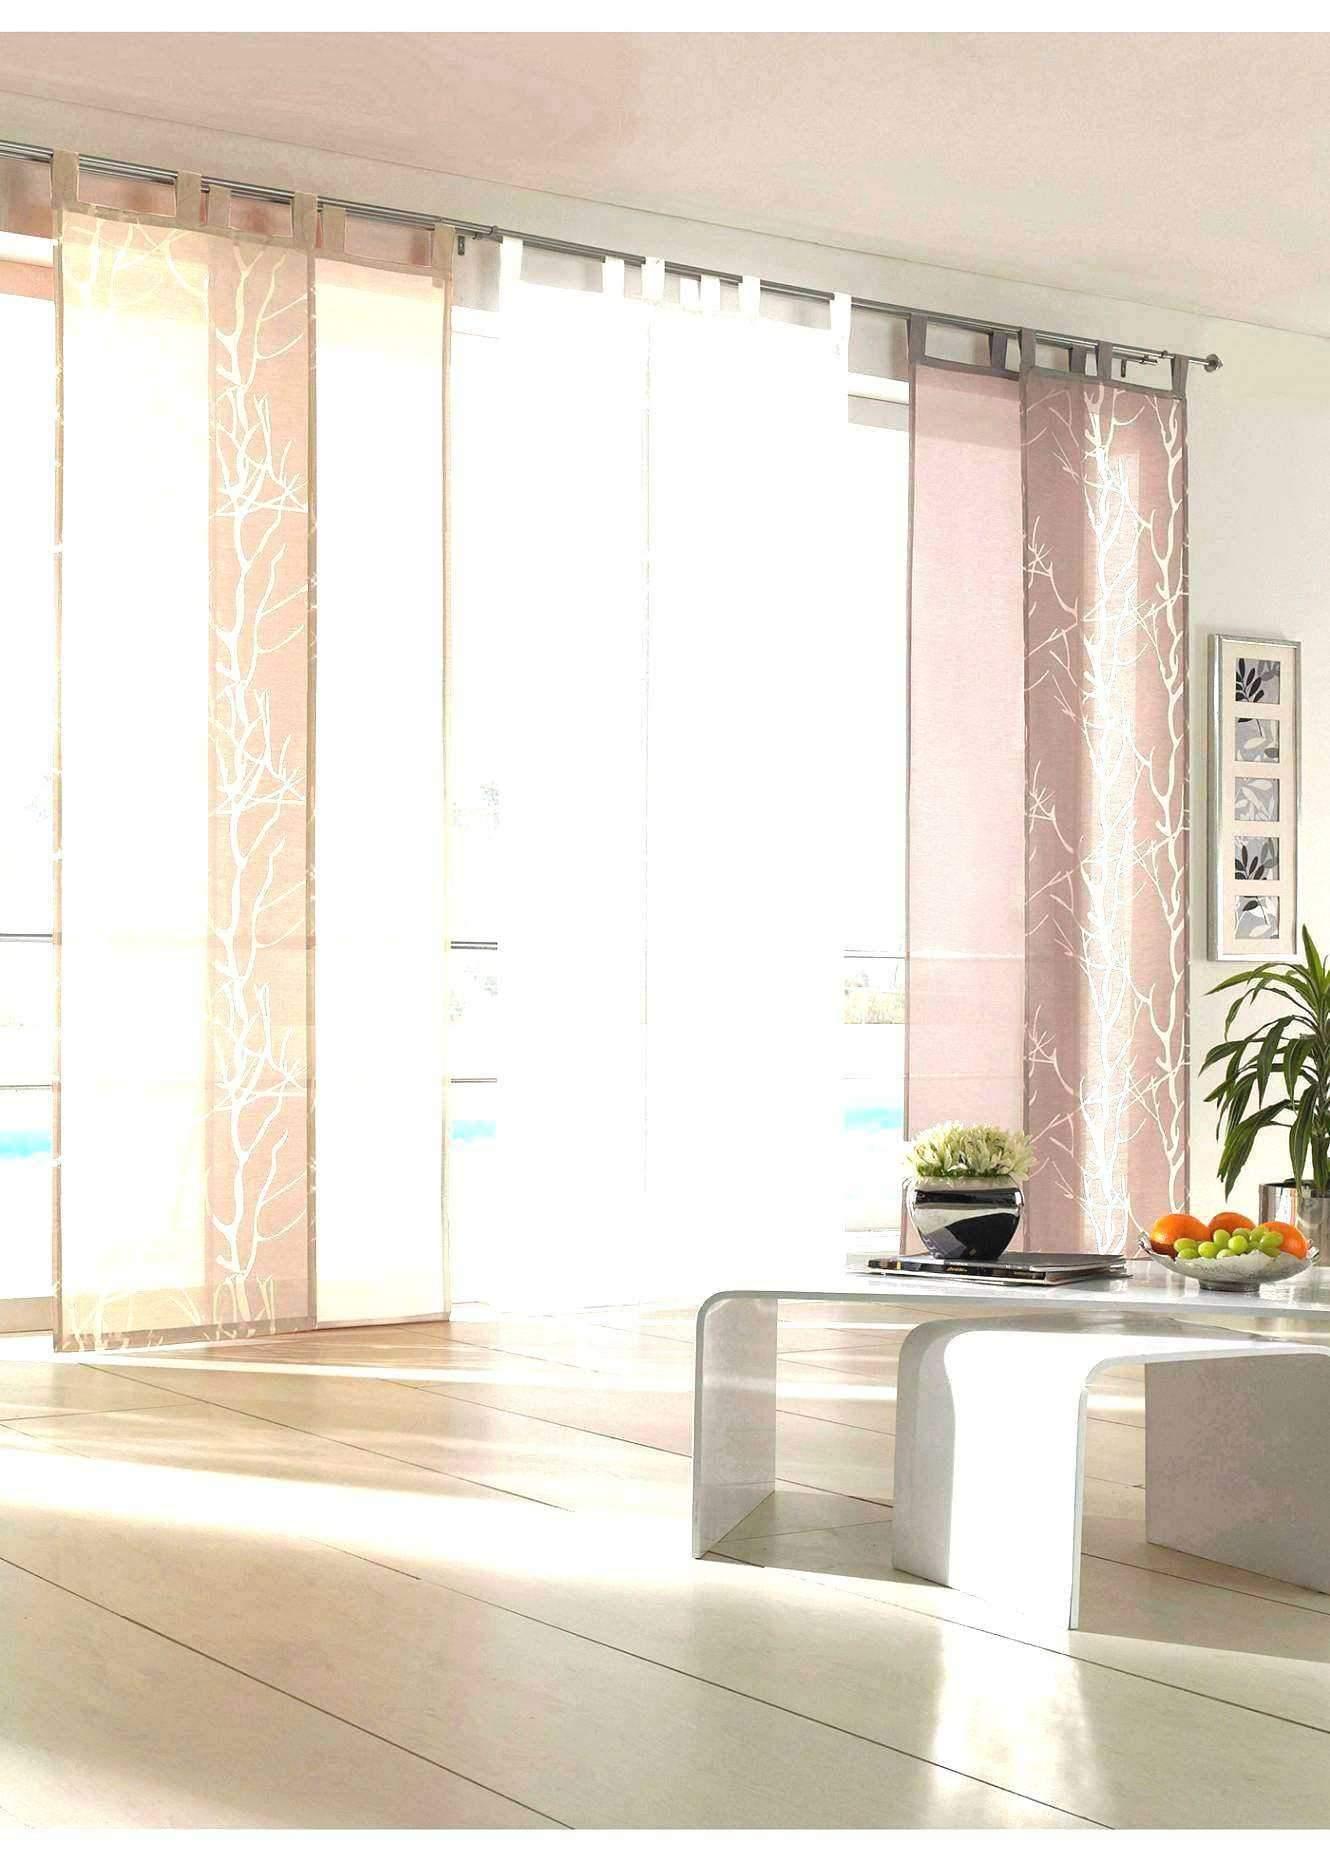 Full Size of Gardinen Wohnzimmer Katalog 29 Frisch Moderne Bilder Fürs Teppiche Für Wandbilder Fenster Liege Deckenlampen Modern Deckenleuchten Schrankwand Wohnzimmer Gardinen Wohnzimmer Katalog